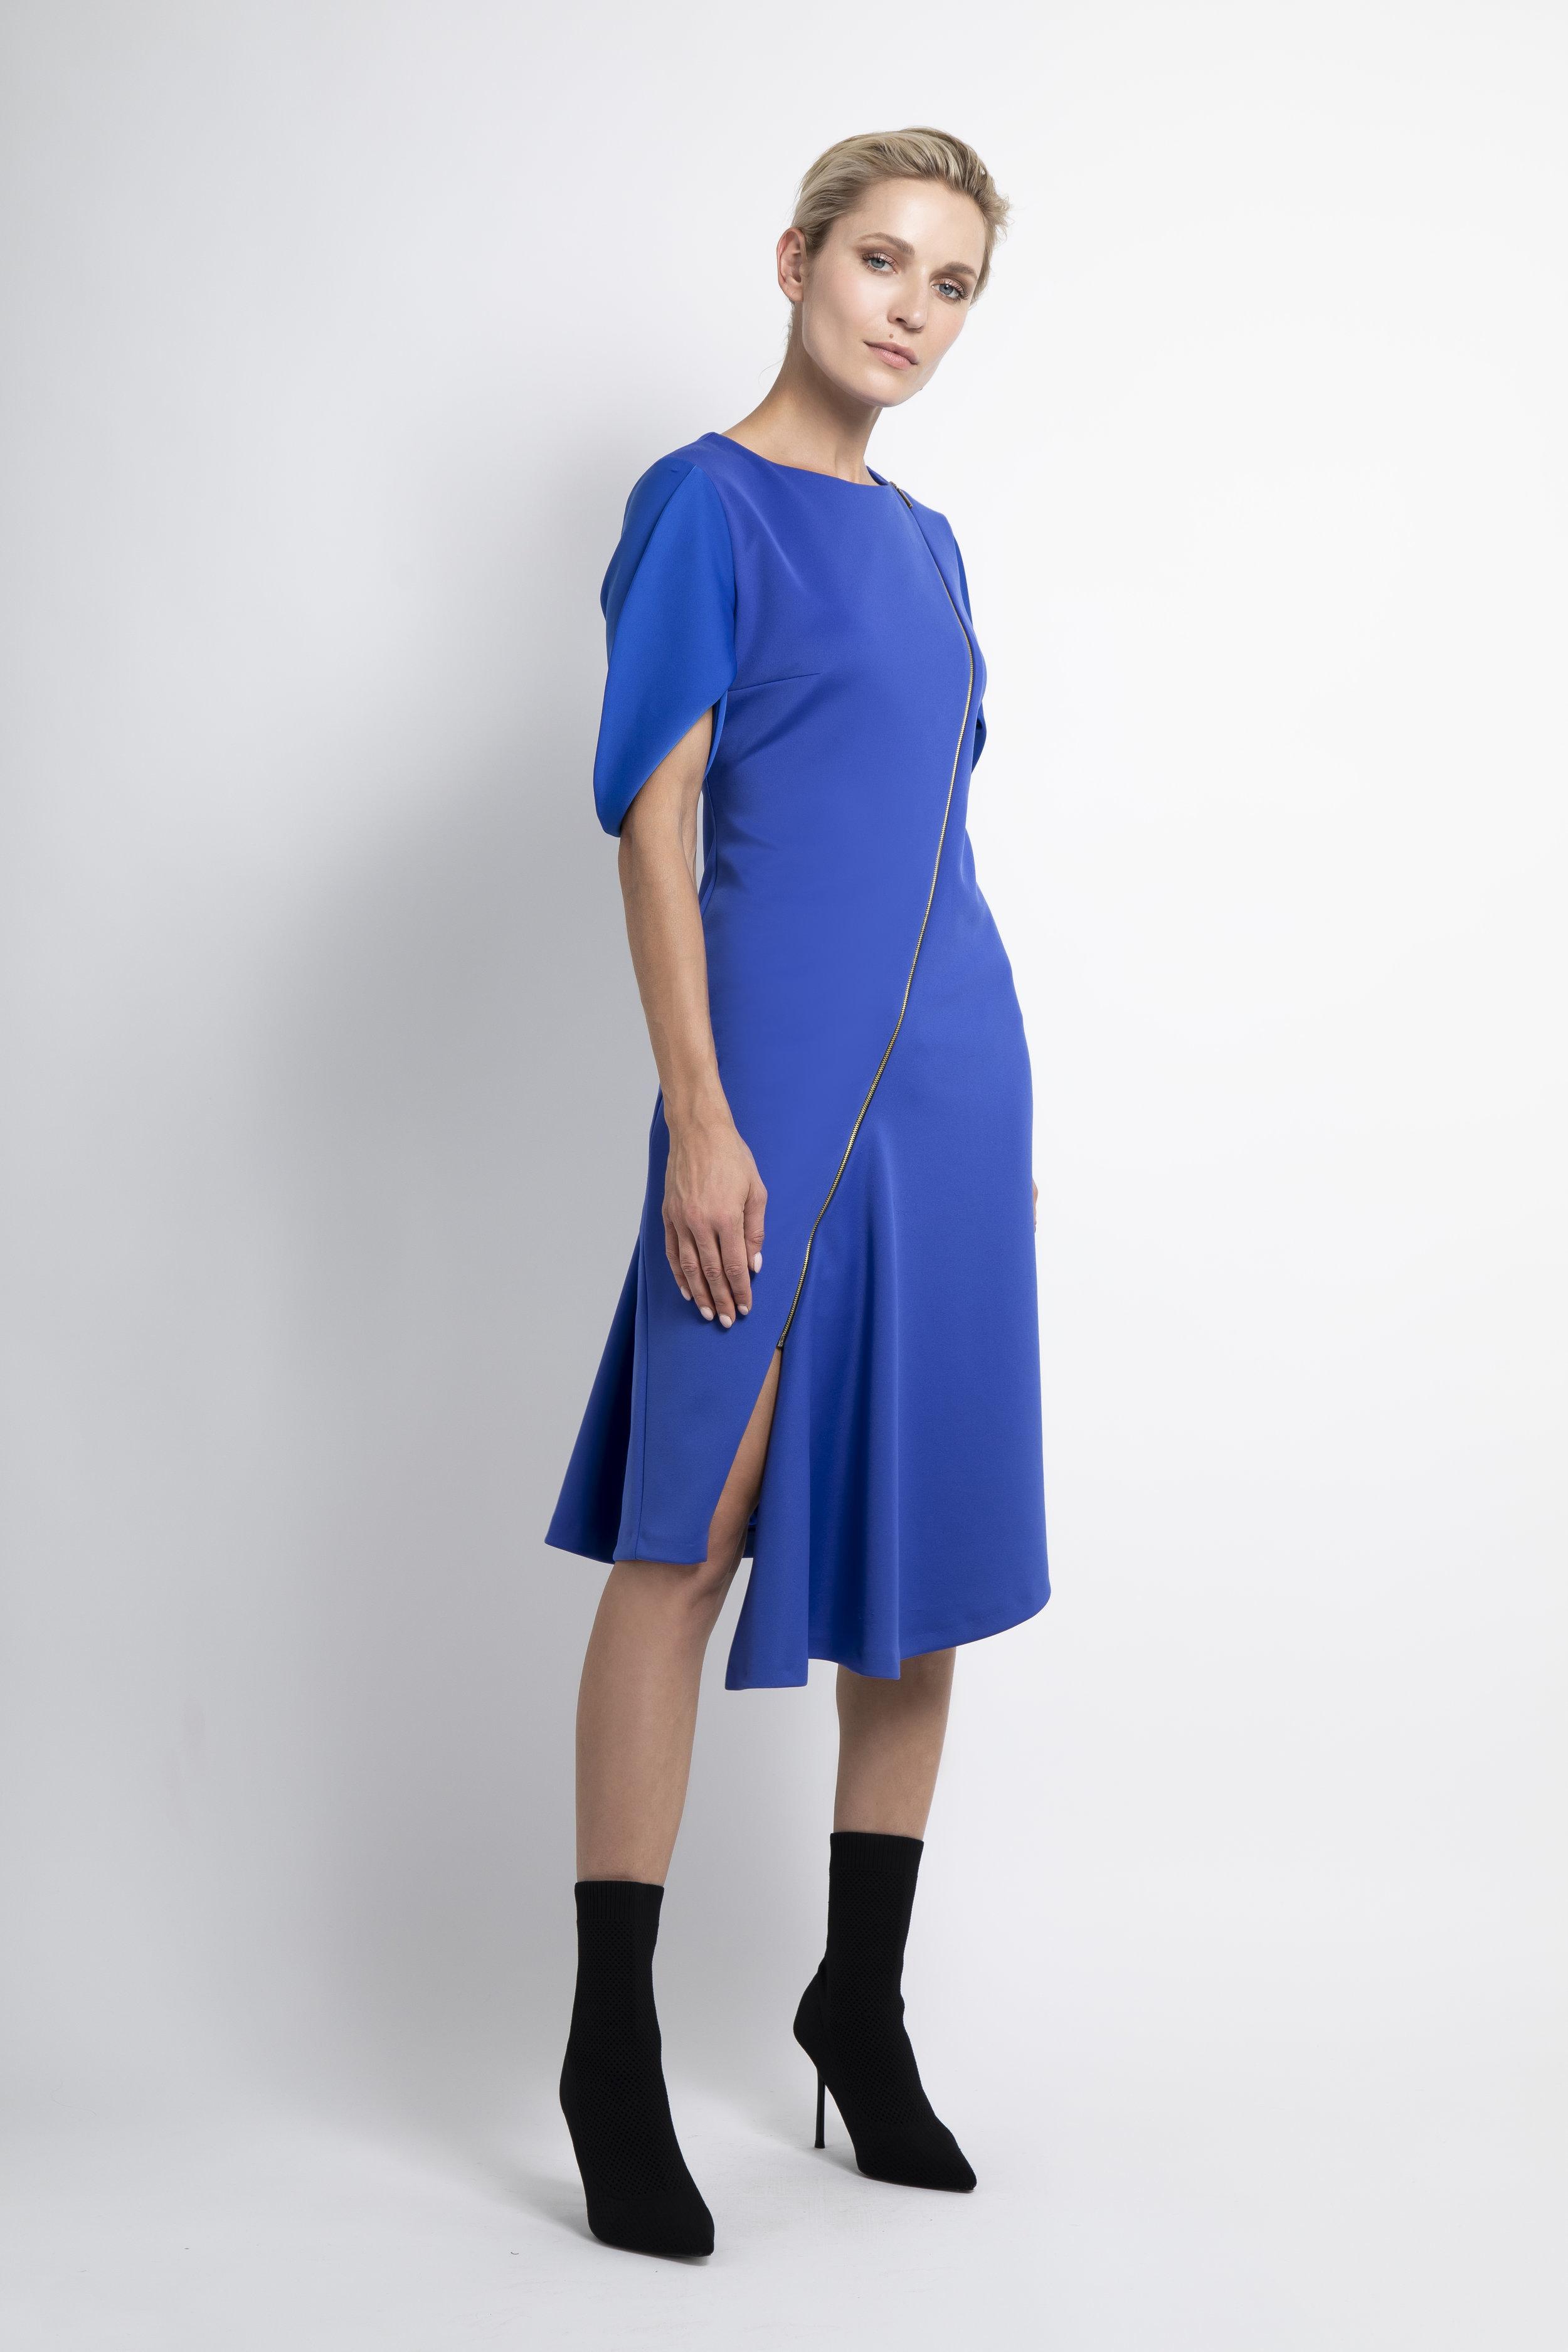 Sandie Dress Blue CKDRSANDIEBLUE